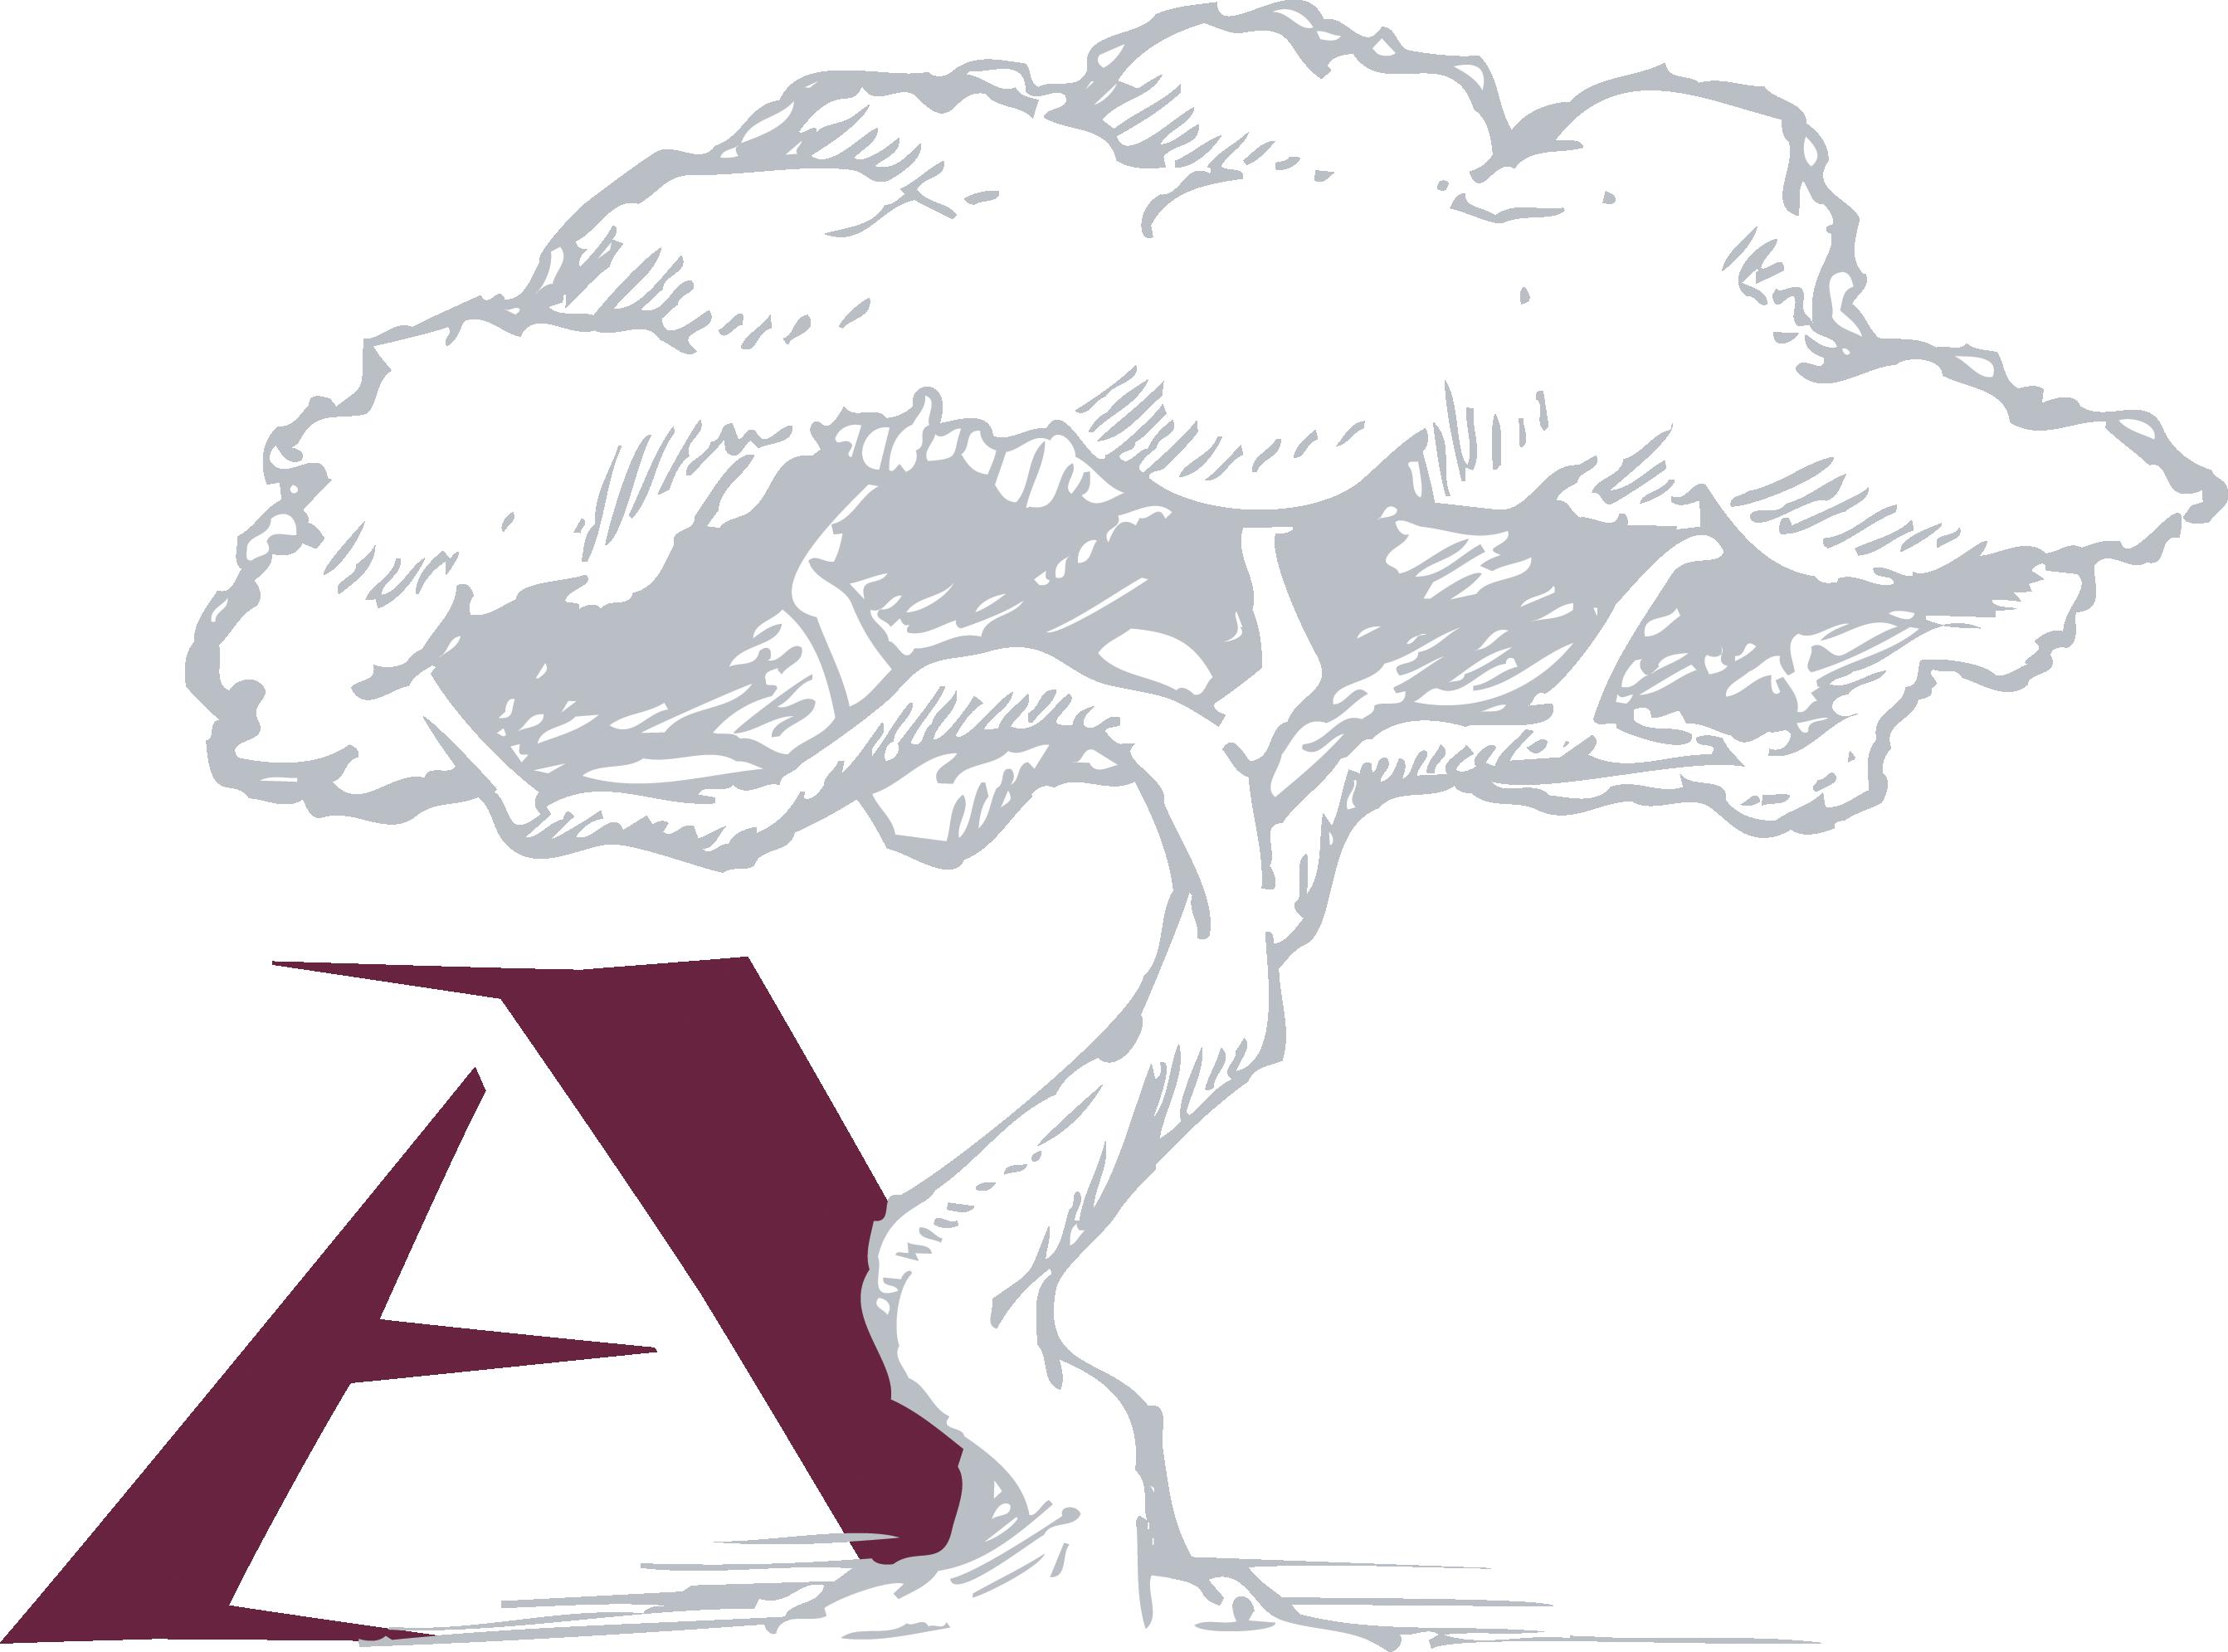 logo aablos png